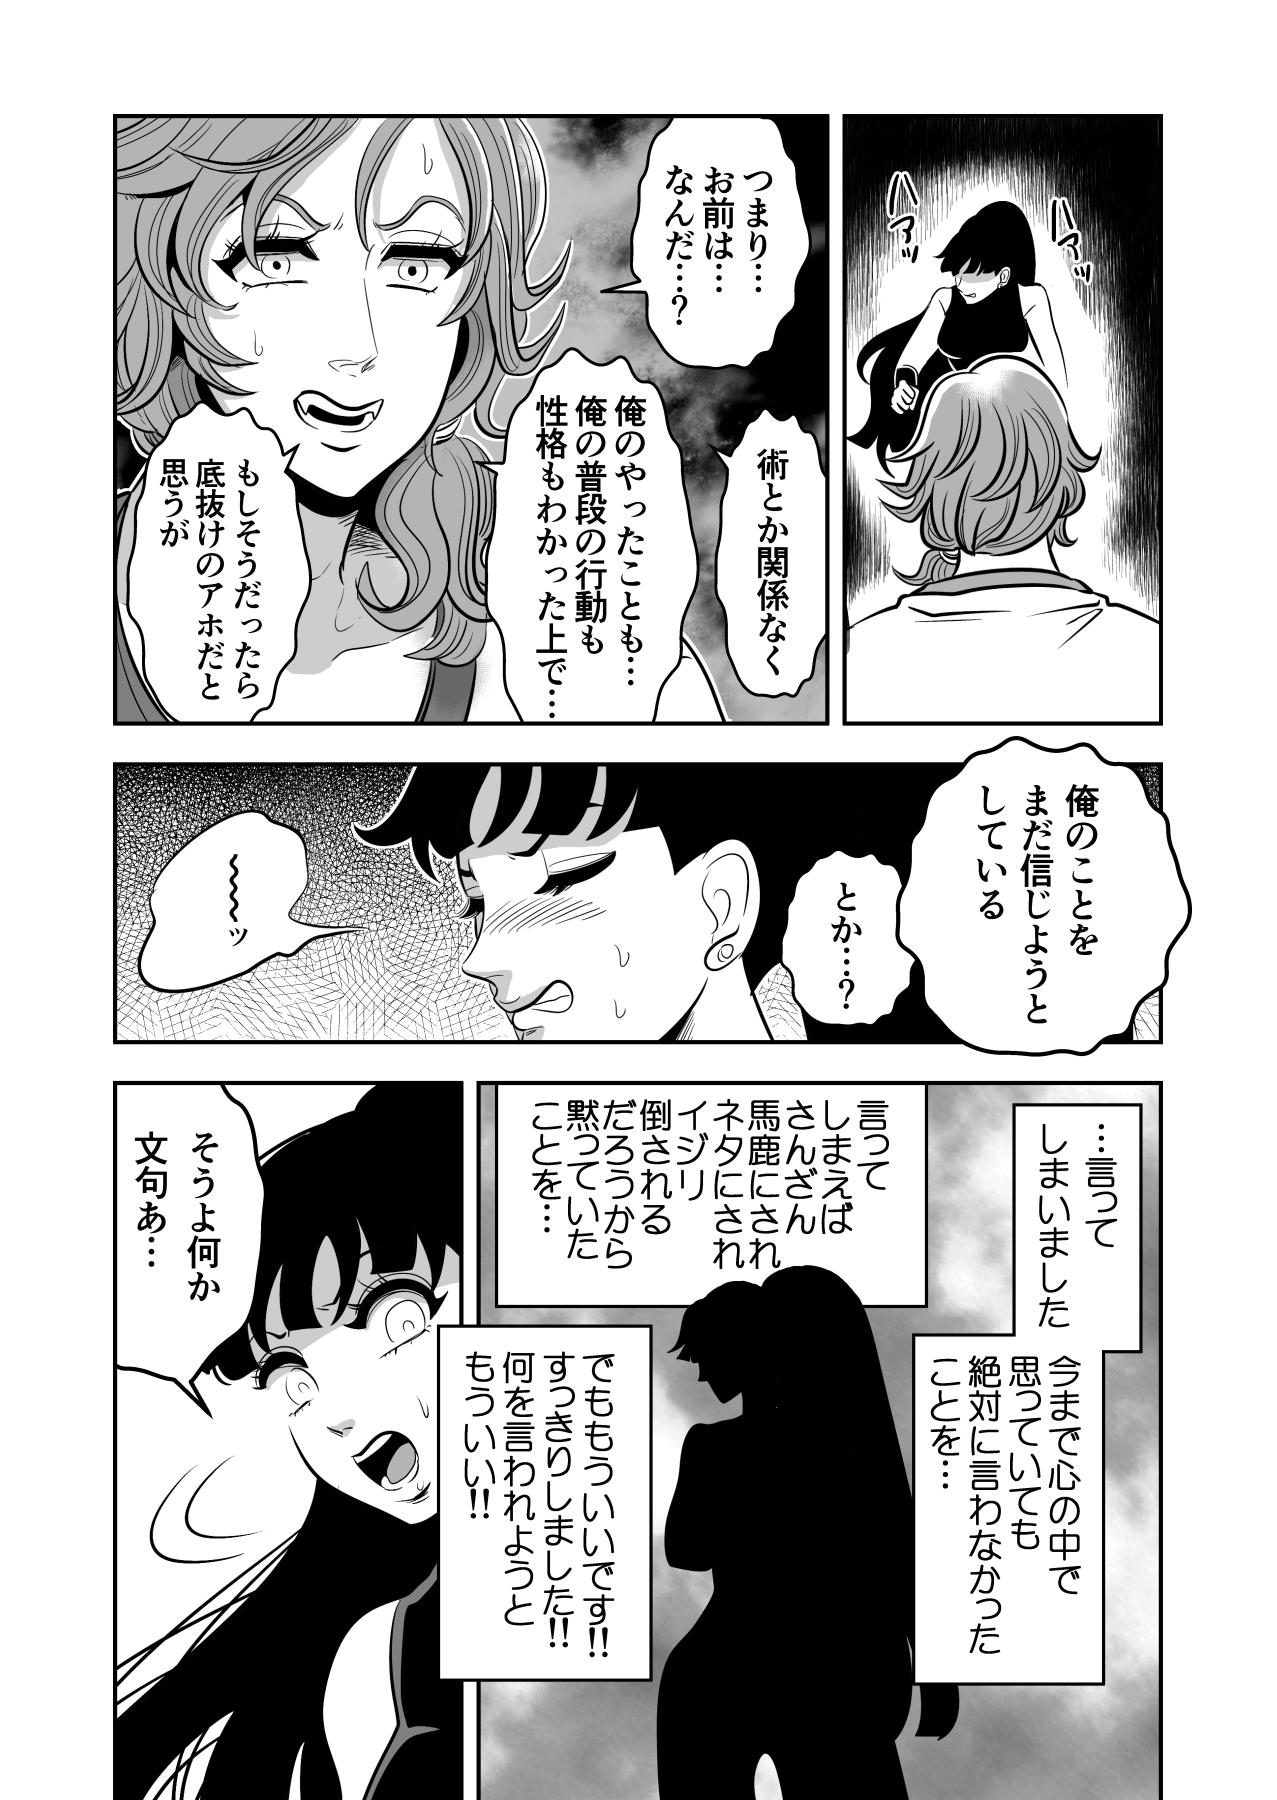 ヤサグレ魔女と第1王子と吸血鬼⑨ (15)-min